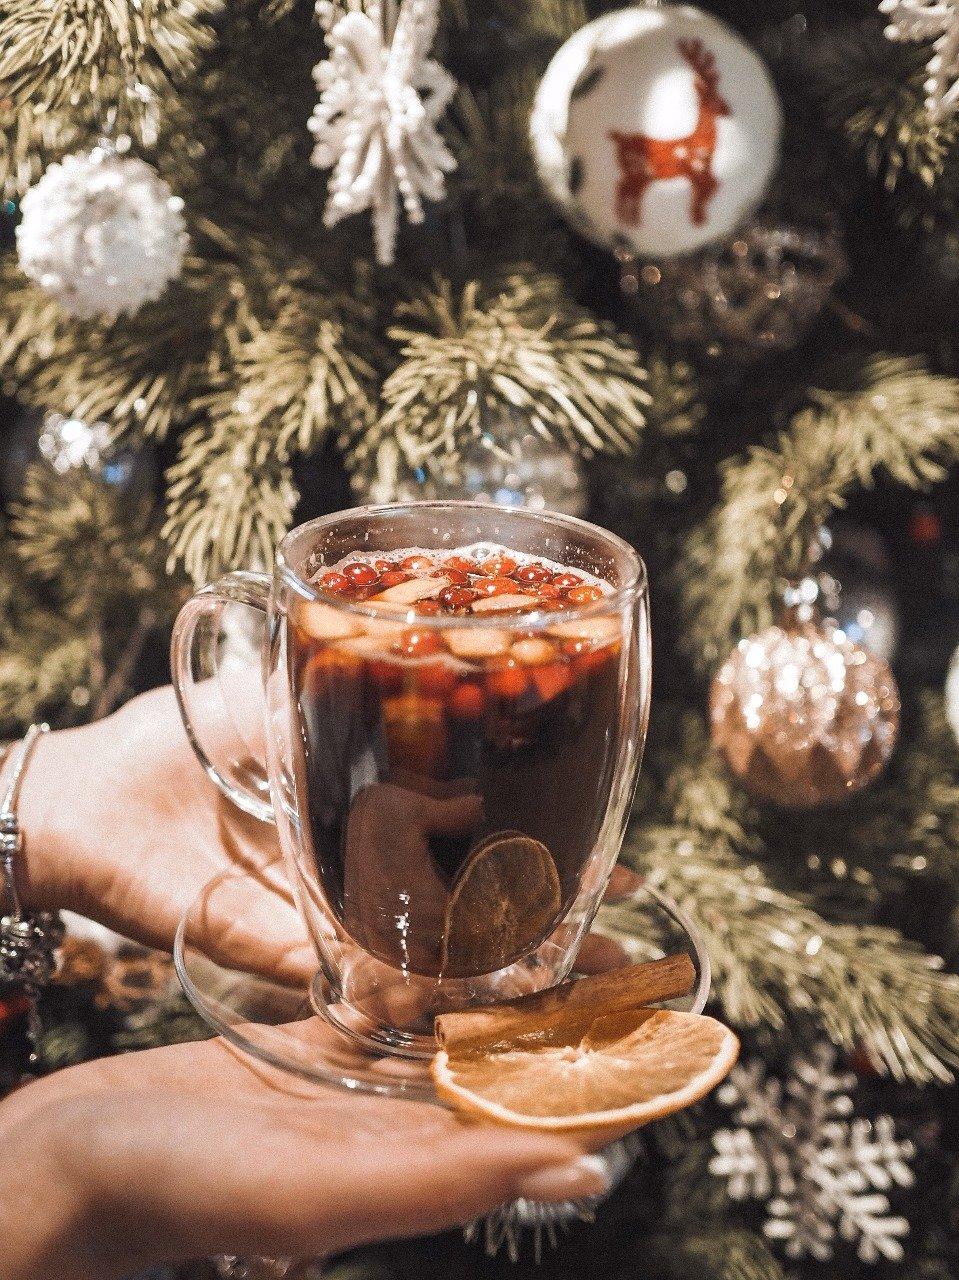 Согревающие напитки для холодного времени года. рецепты горячих напитков | что делать: 1000+ советов